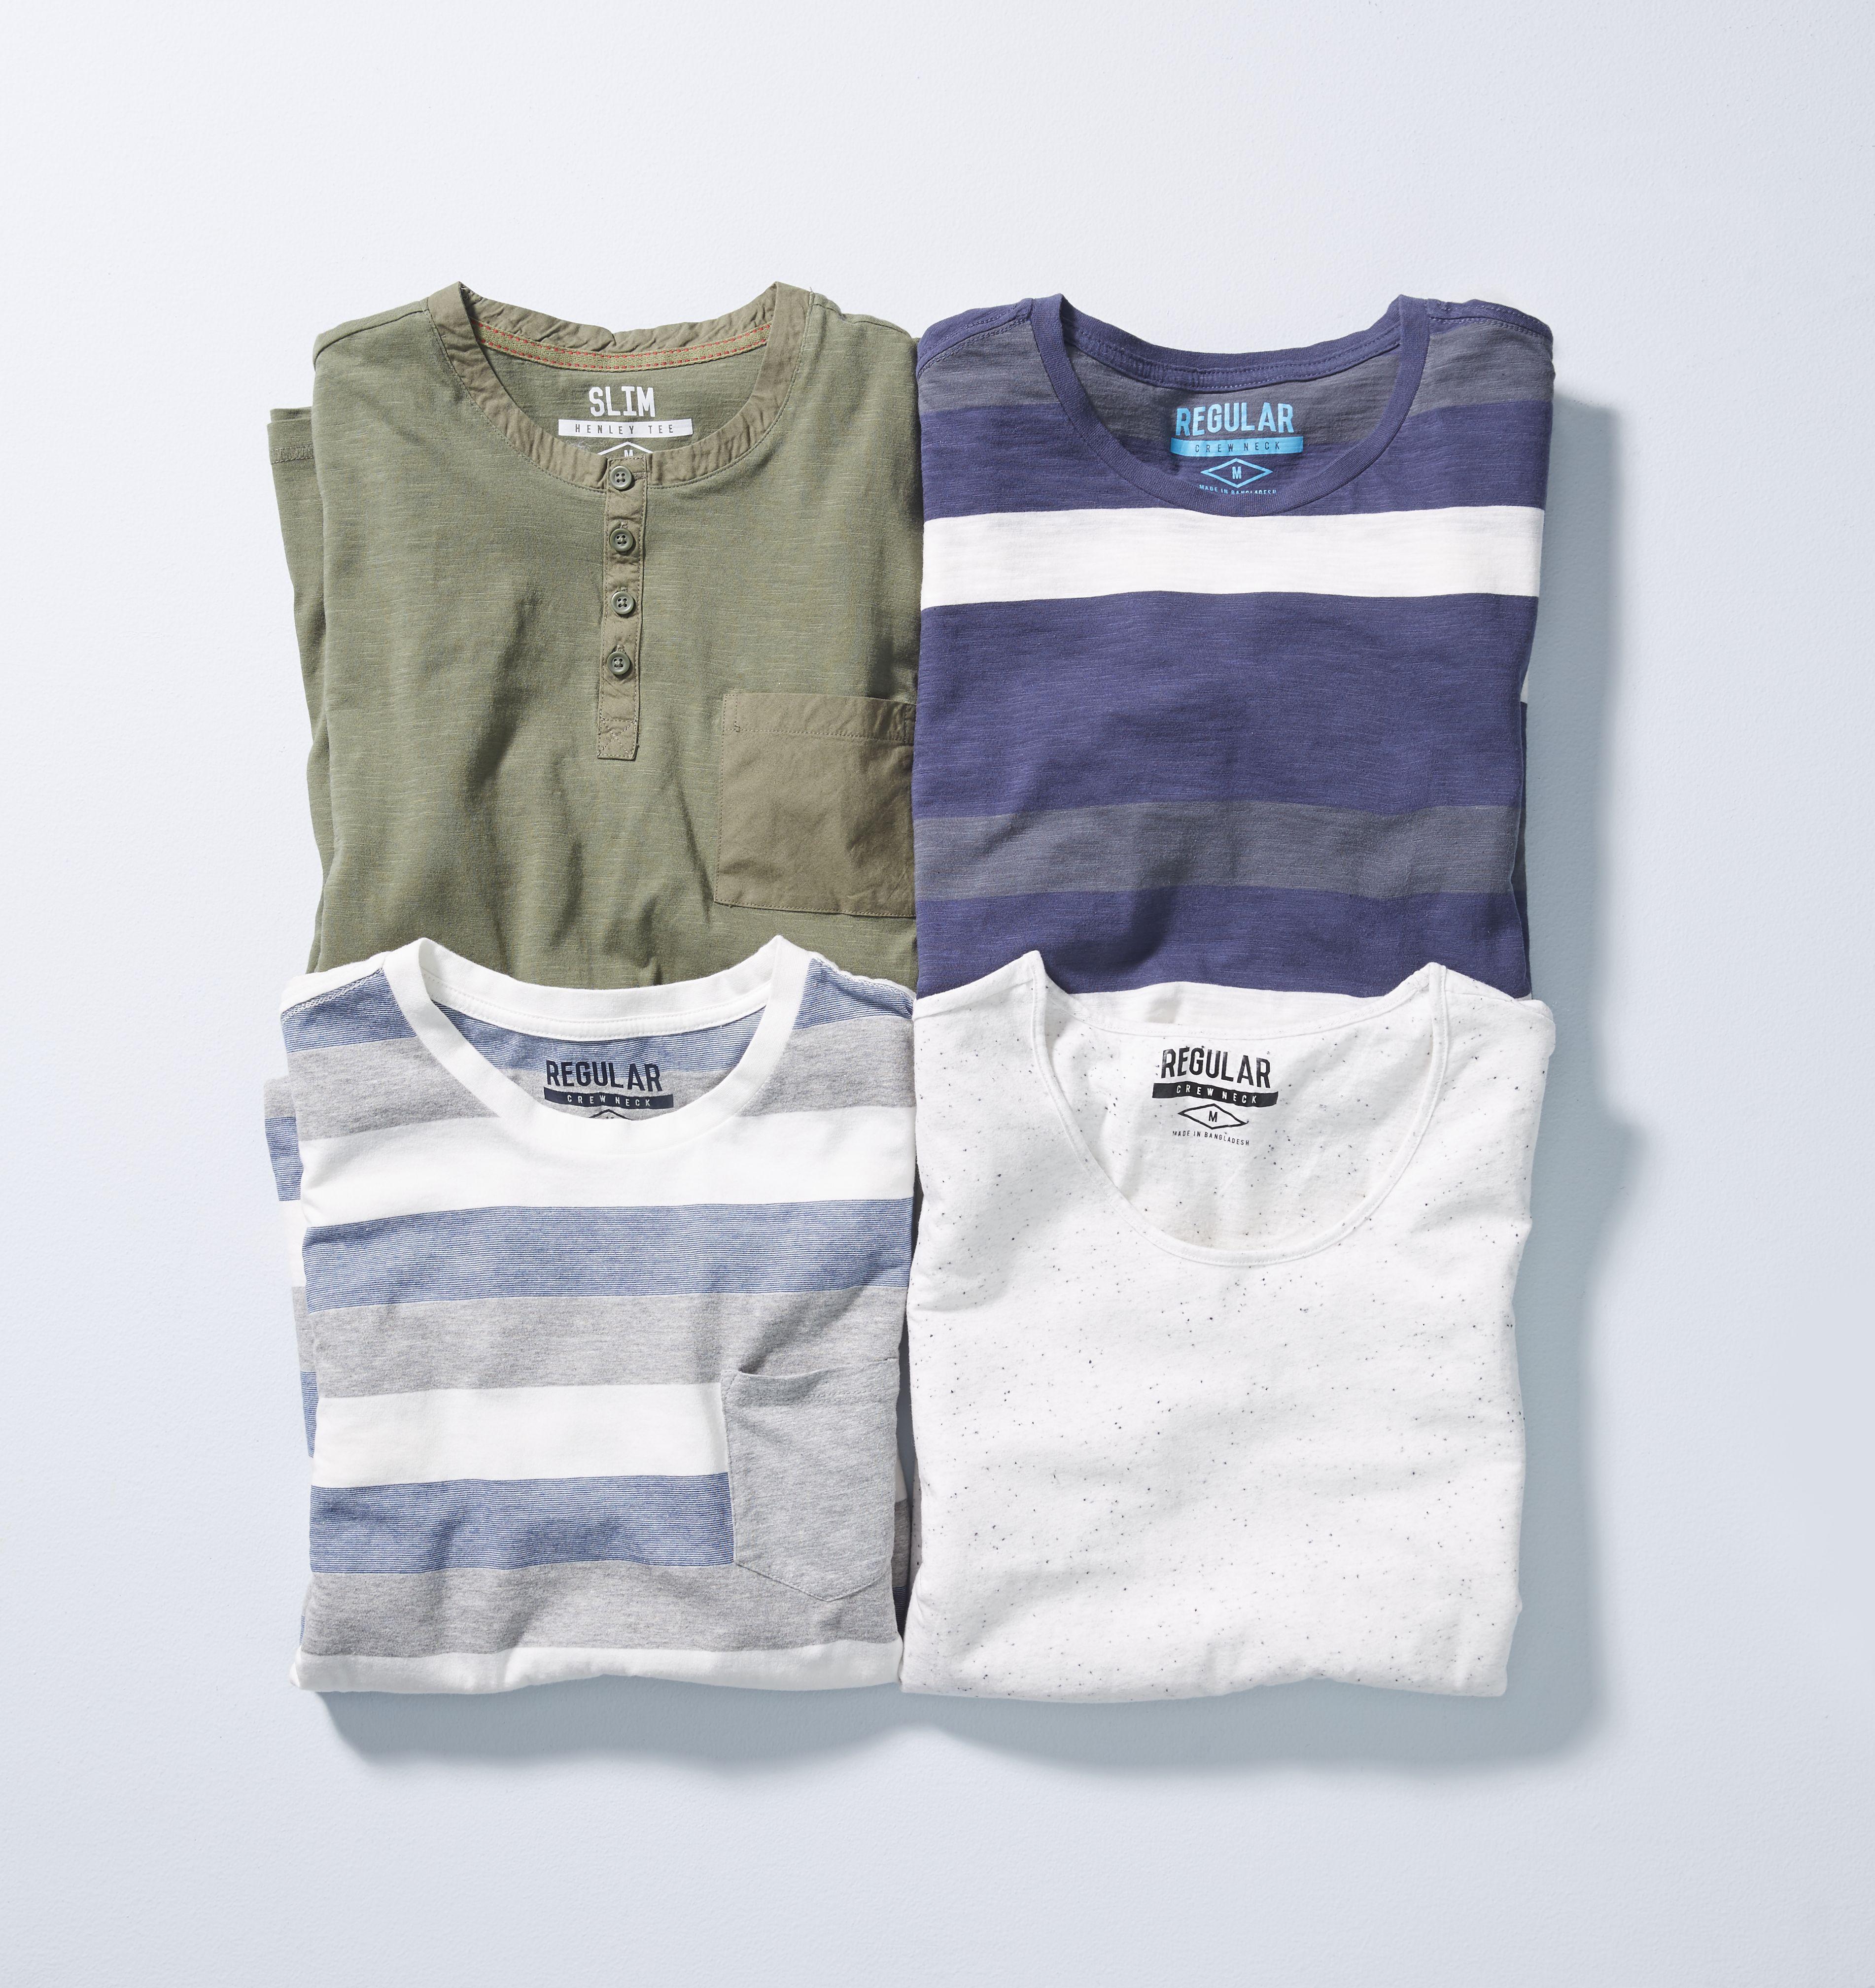 Kmart Men's Cotton Blend Tee, Size XS- 4XL, RRP$12ea